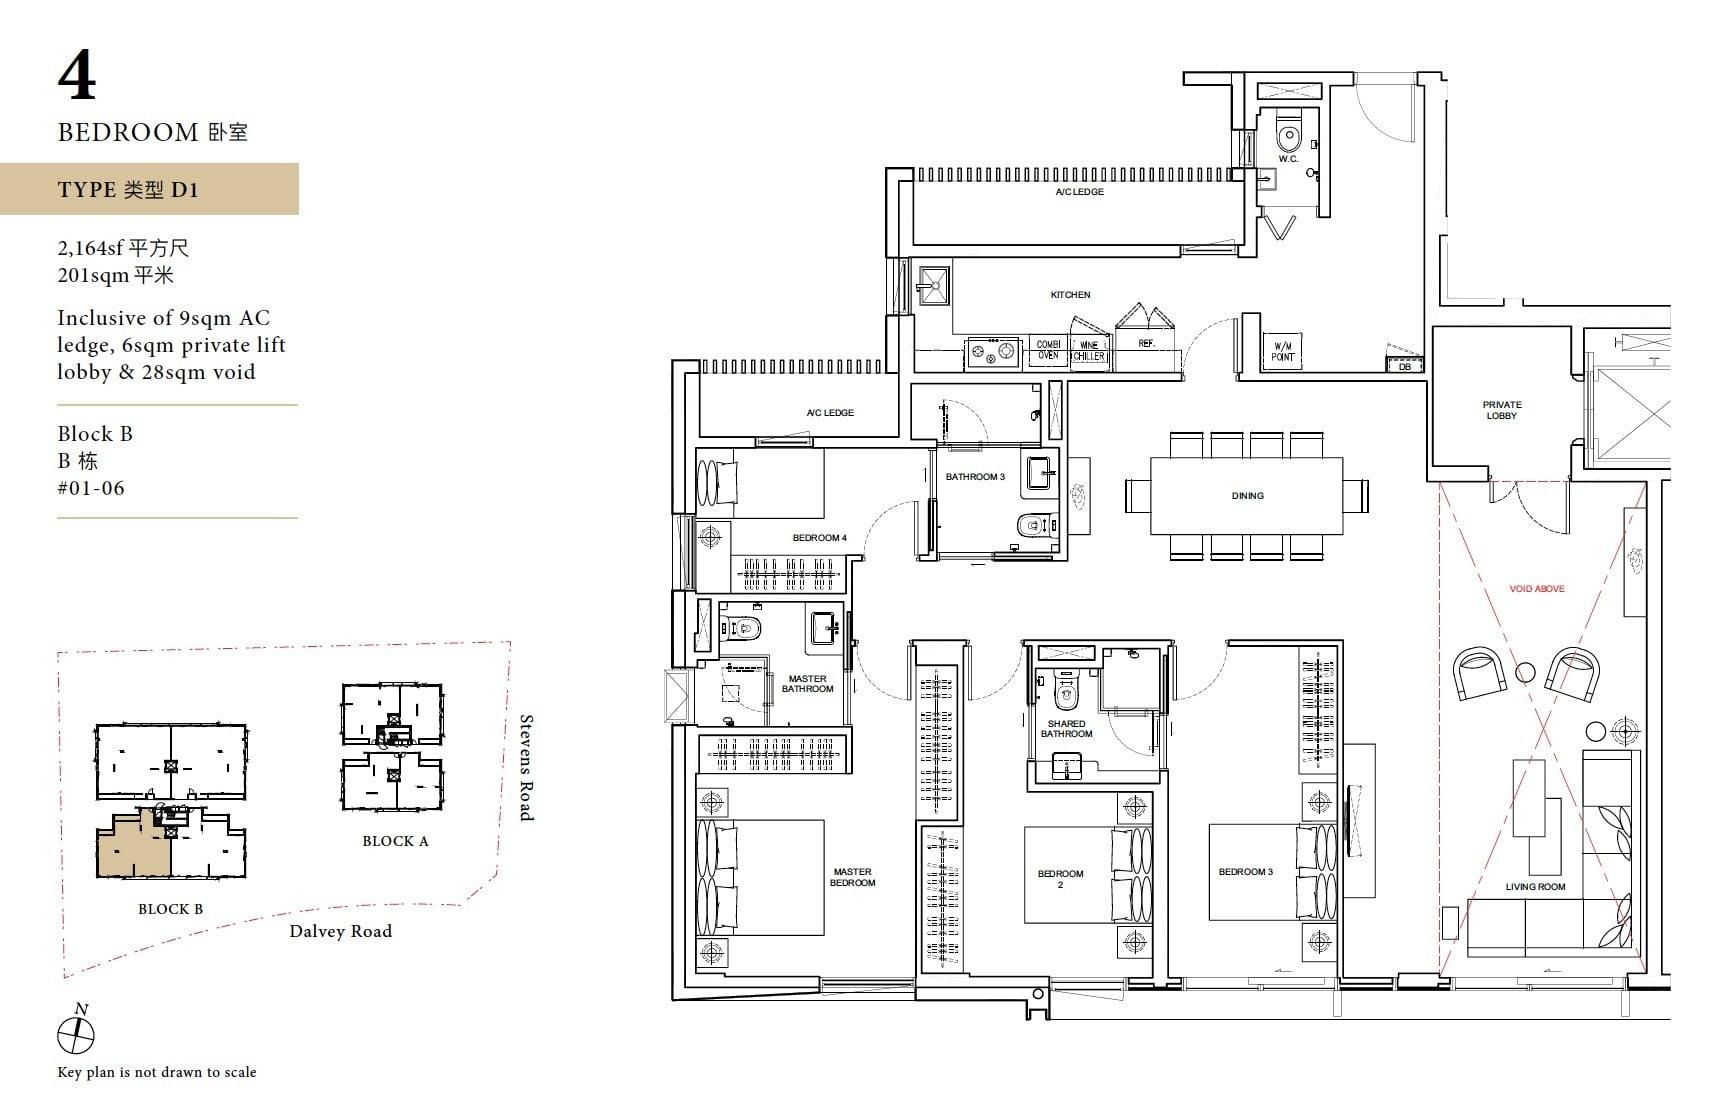 Davey Haus floor plan 4BR D1